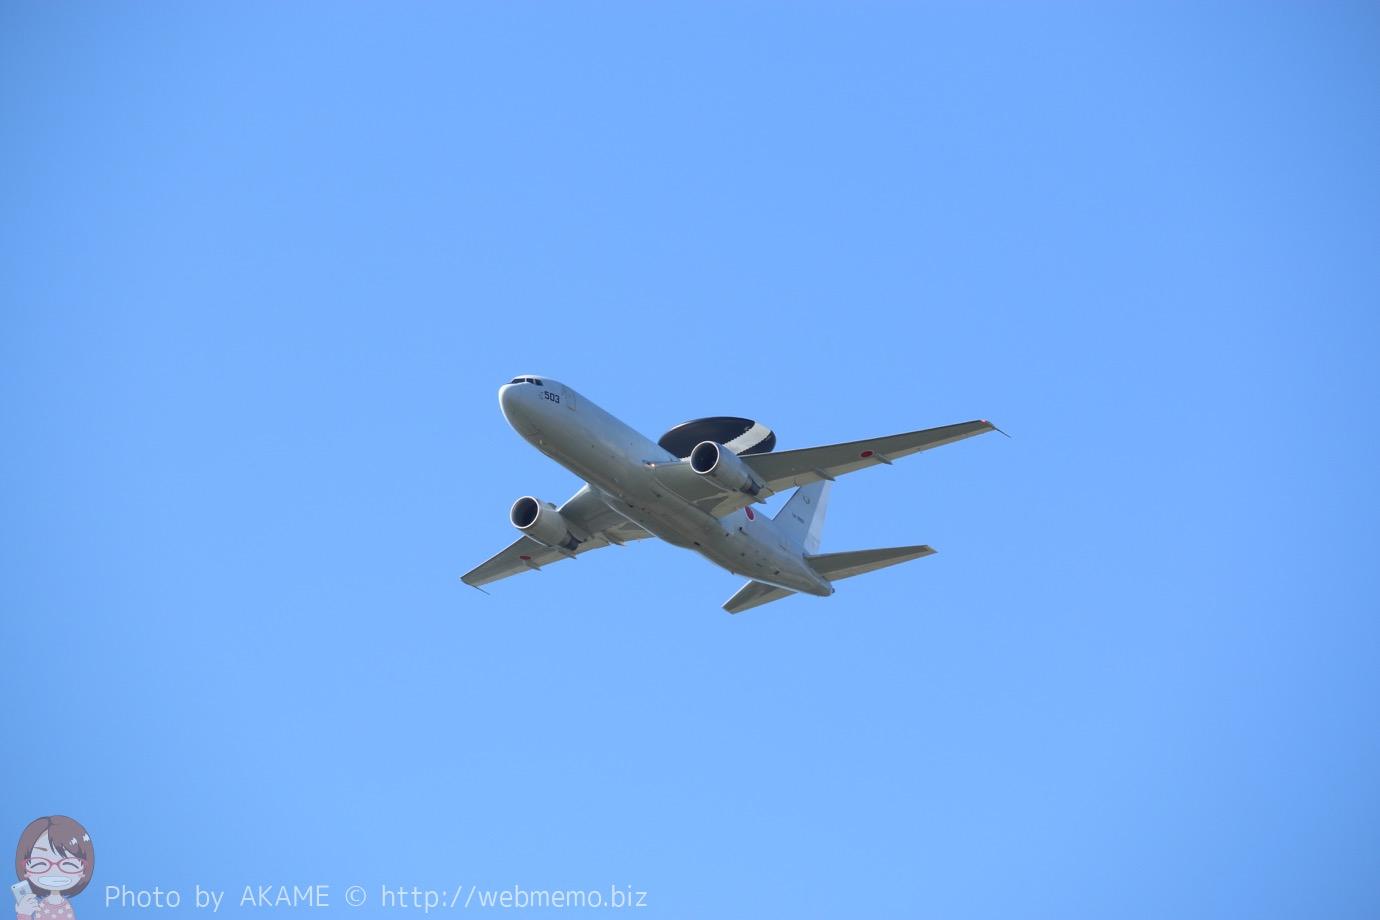 E-767(航過飛行)の展示の様子